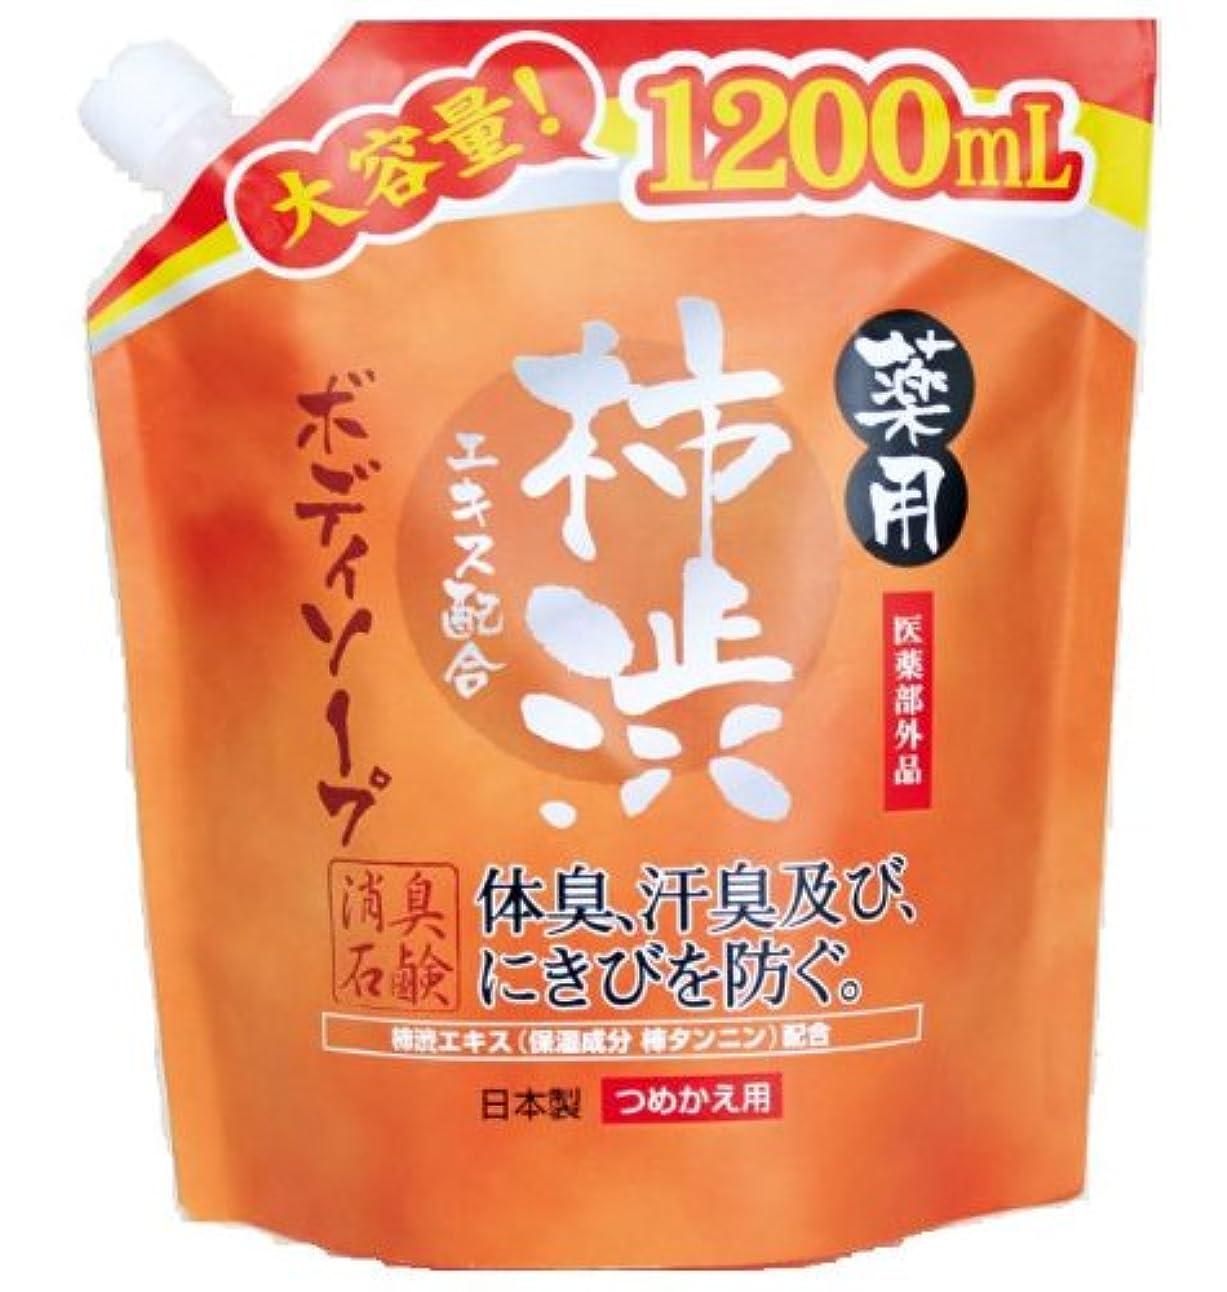 レンジ無暗い薬用柿渋 ボディソープ 大容量 (つめかえ用) 1200mL 【医薬部外品】